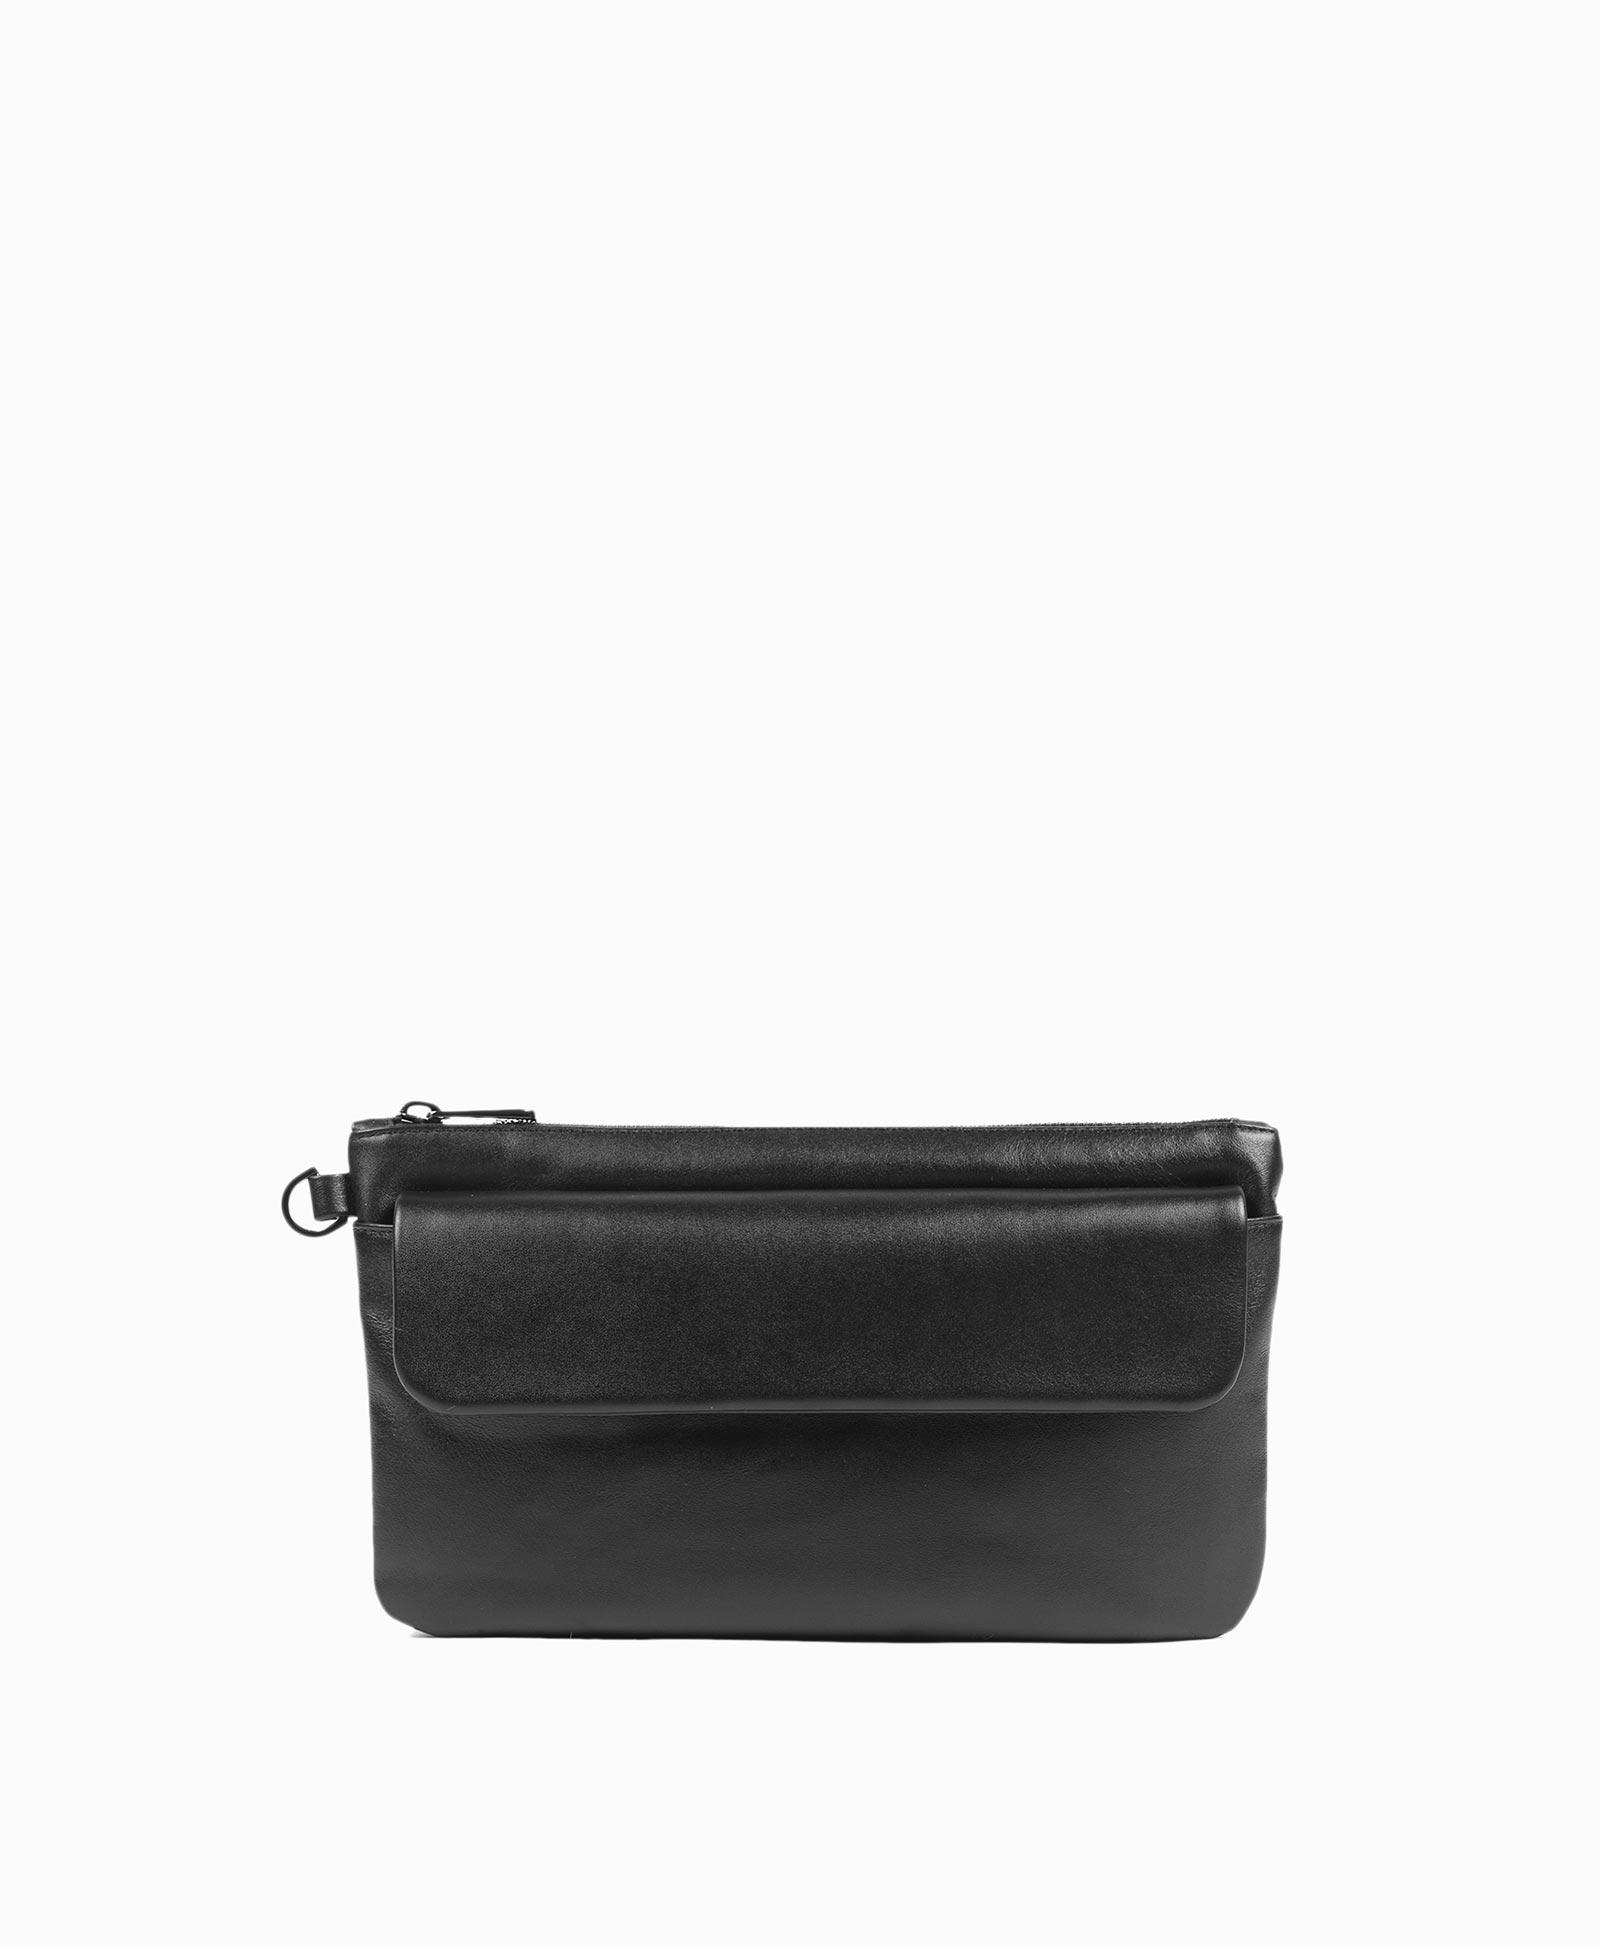 71710df07430 Черный компактный и вместительный мужской клатч 100% натуральная кожа, пол:  Мужской, цвет: Черный, размер: 250*150. Купить в интернет-магазине ASKENT.